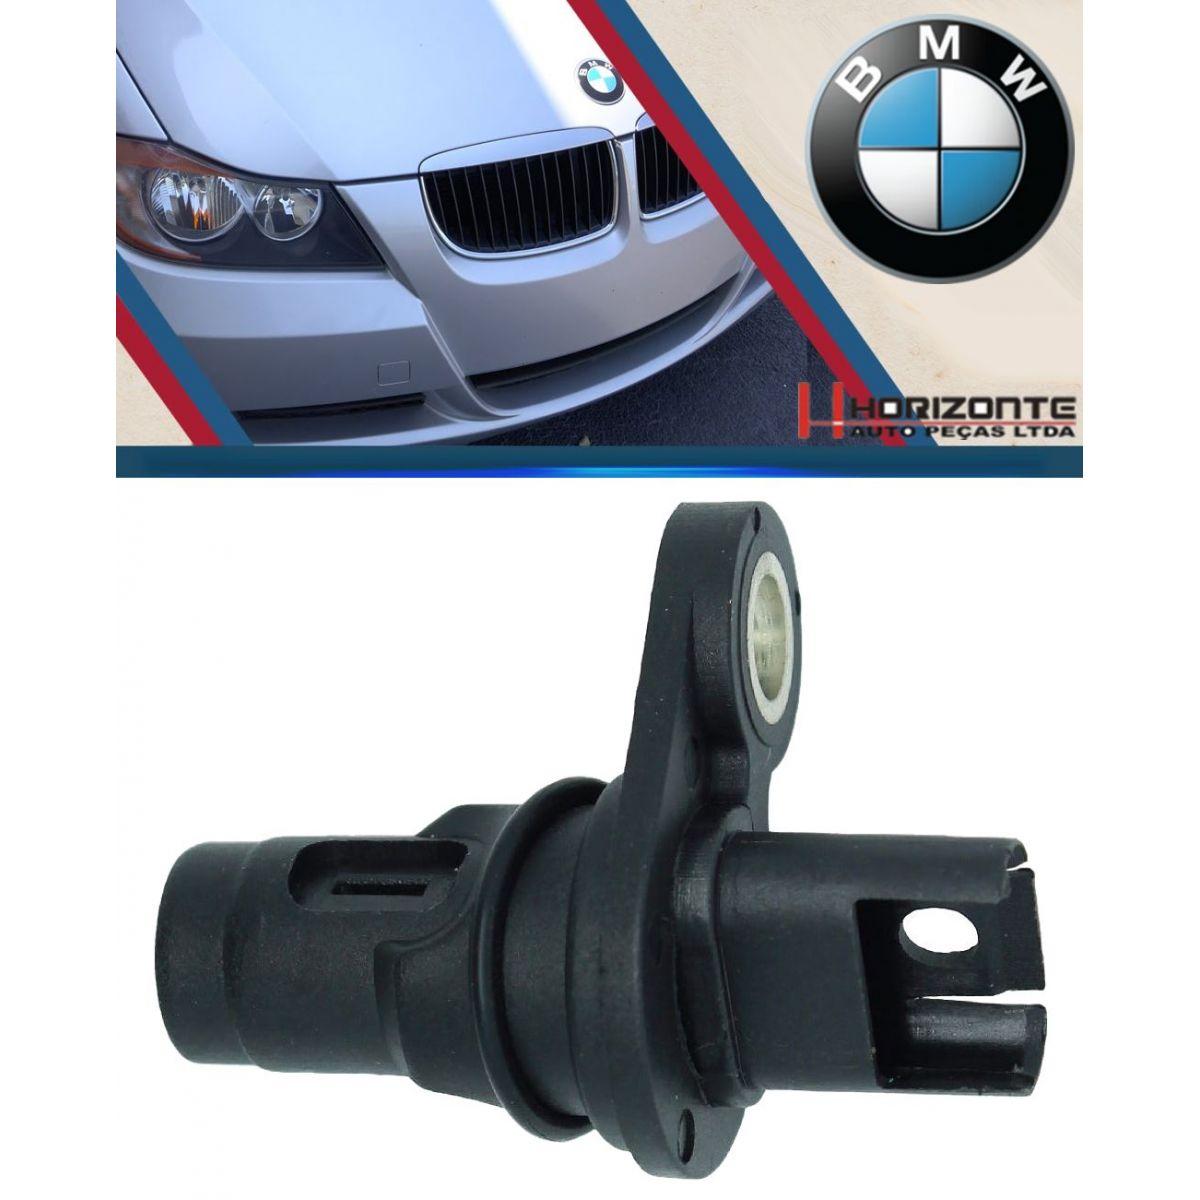 Sensor de Fase do Comando BMW 325I 328I 525i 528i X3 X5 X6 3.0 e 4.4